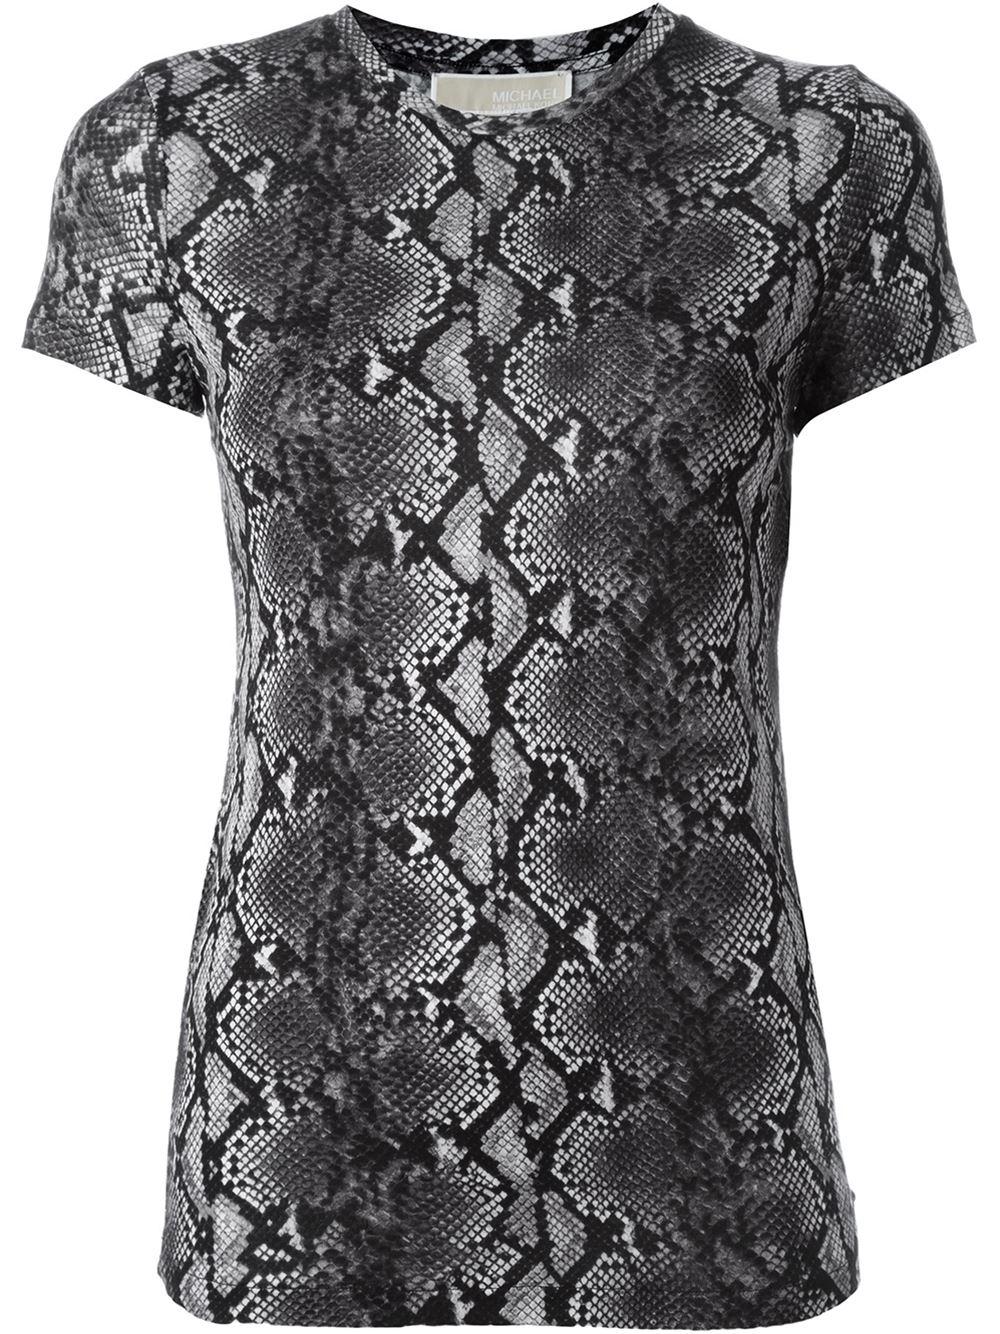 Womens Ralph Lauren Shirts